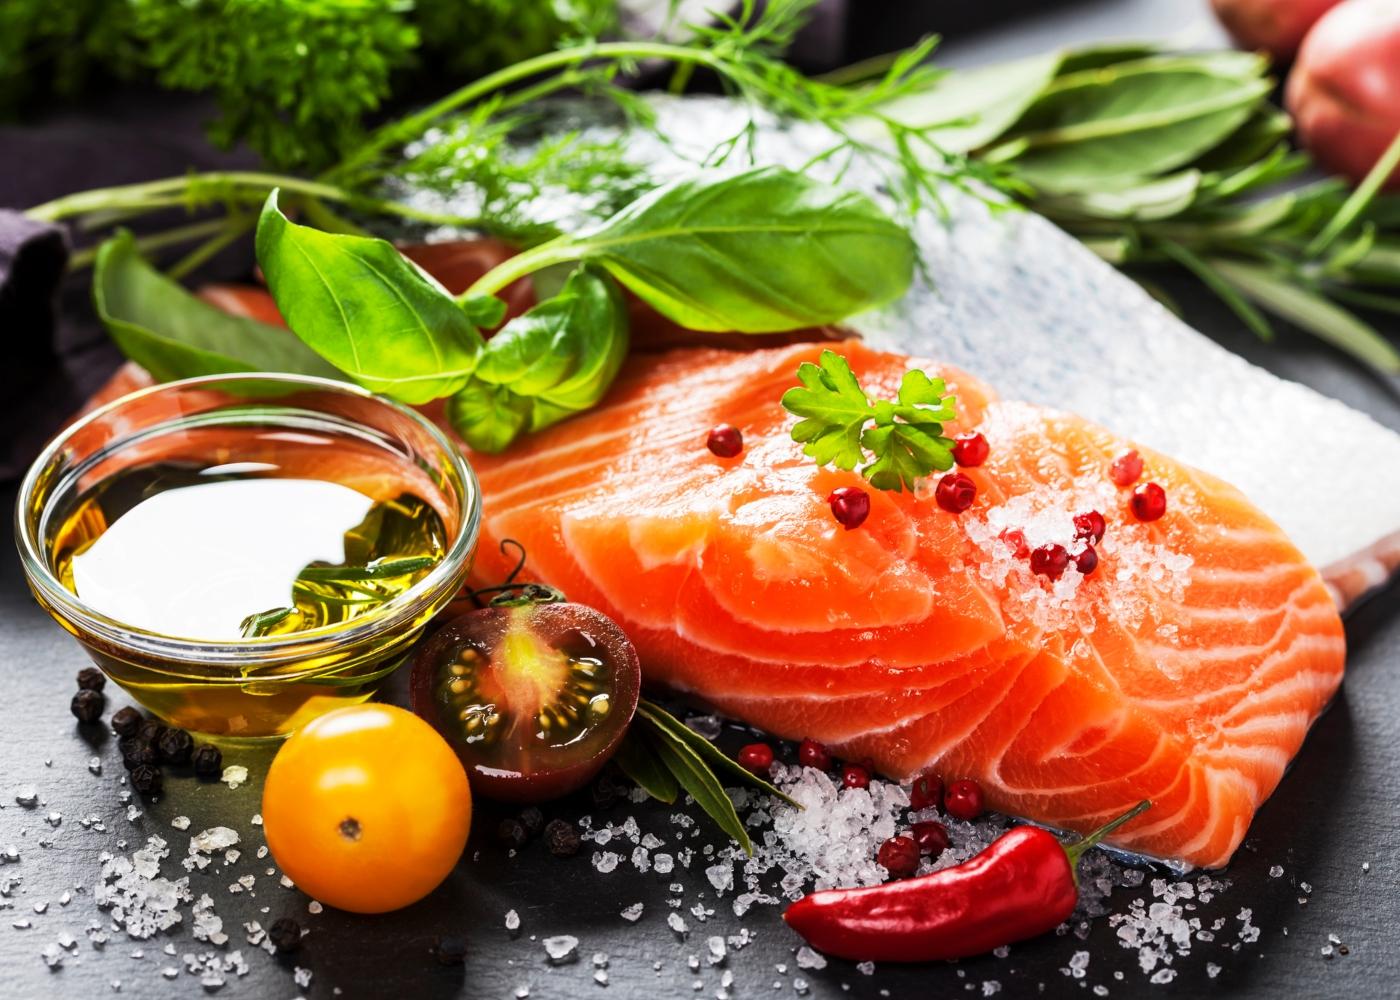 Posta de salmão temperada em cima de mesa da cozinha